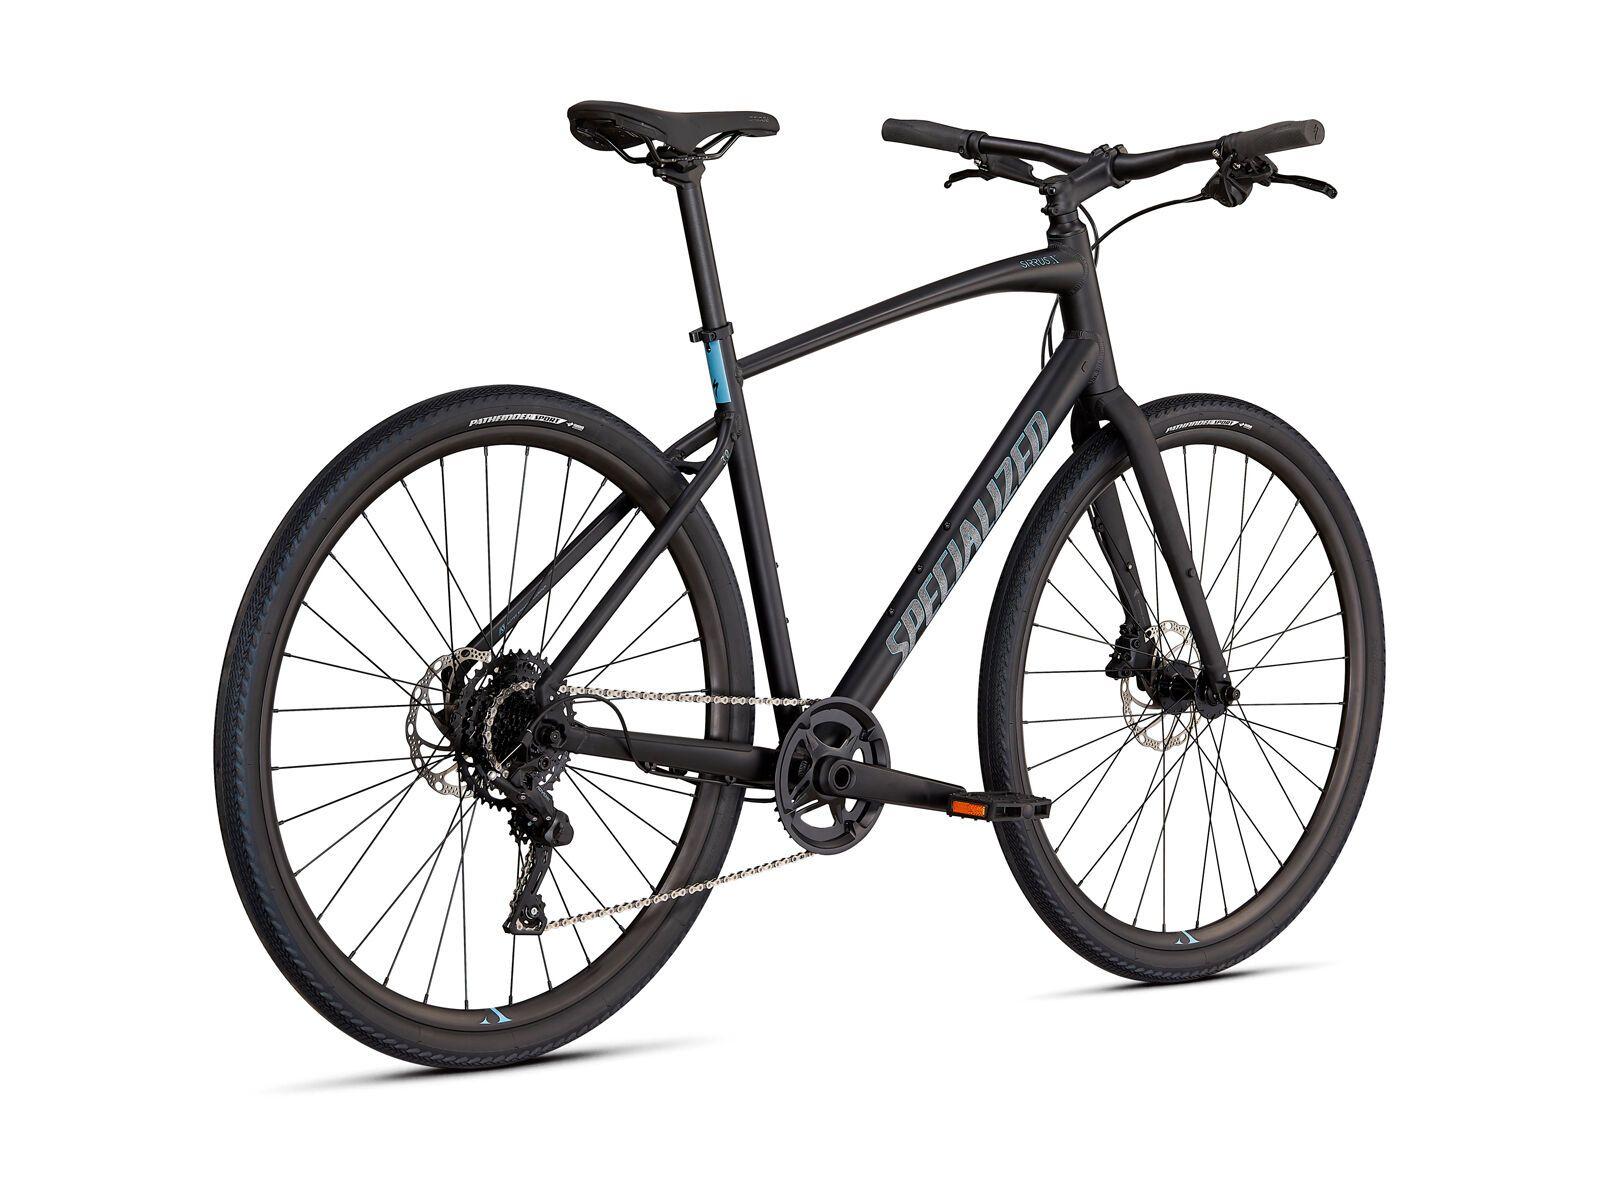 Specialized Sirrus X 3.0, black/grey/black reflective | Bild 3